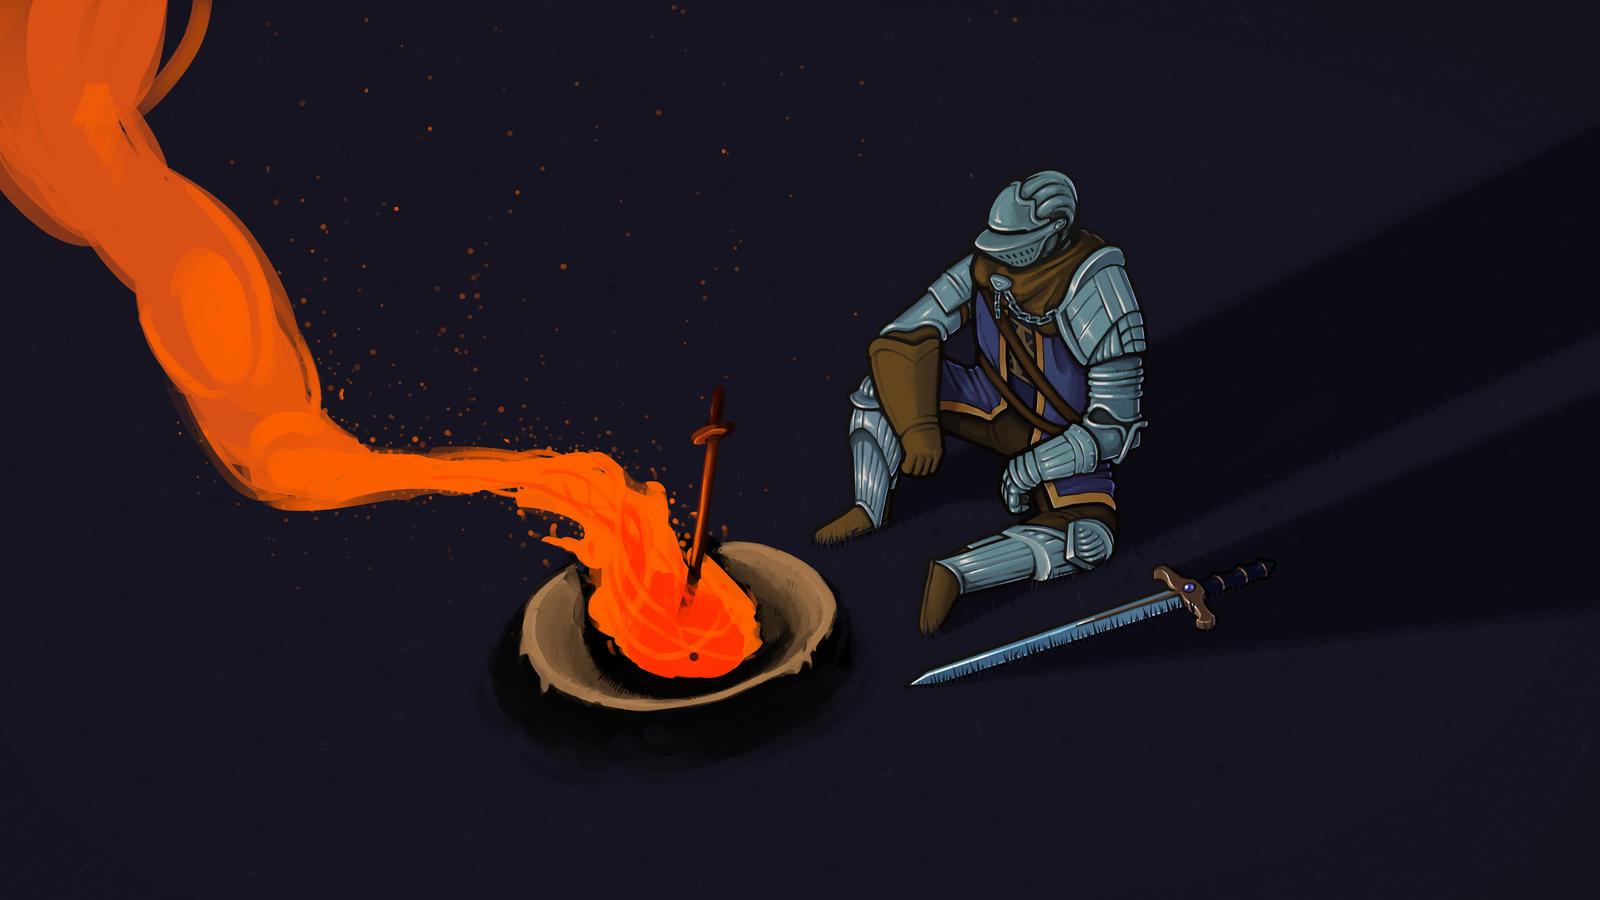 Elite knight enjoying a bonfire